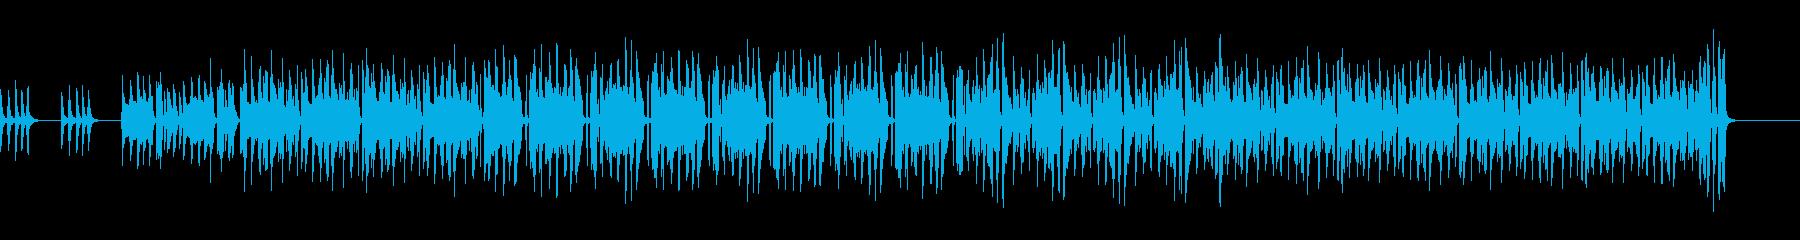 スッキリ爽やかな朝っぽいピアノ曲の再生済みの波形